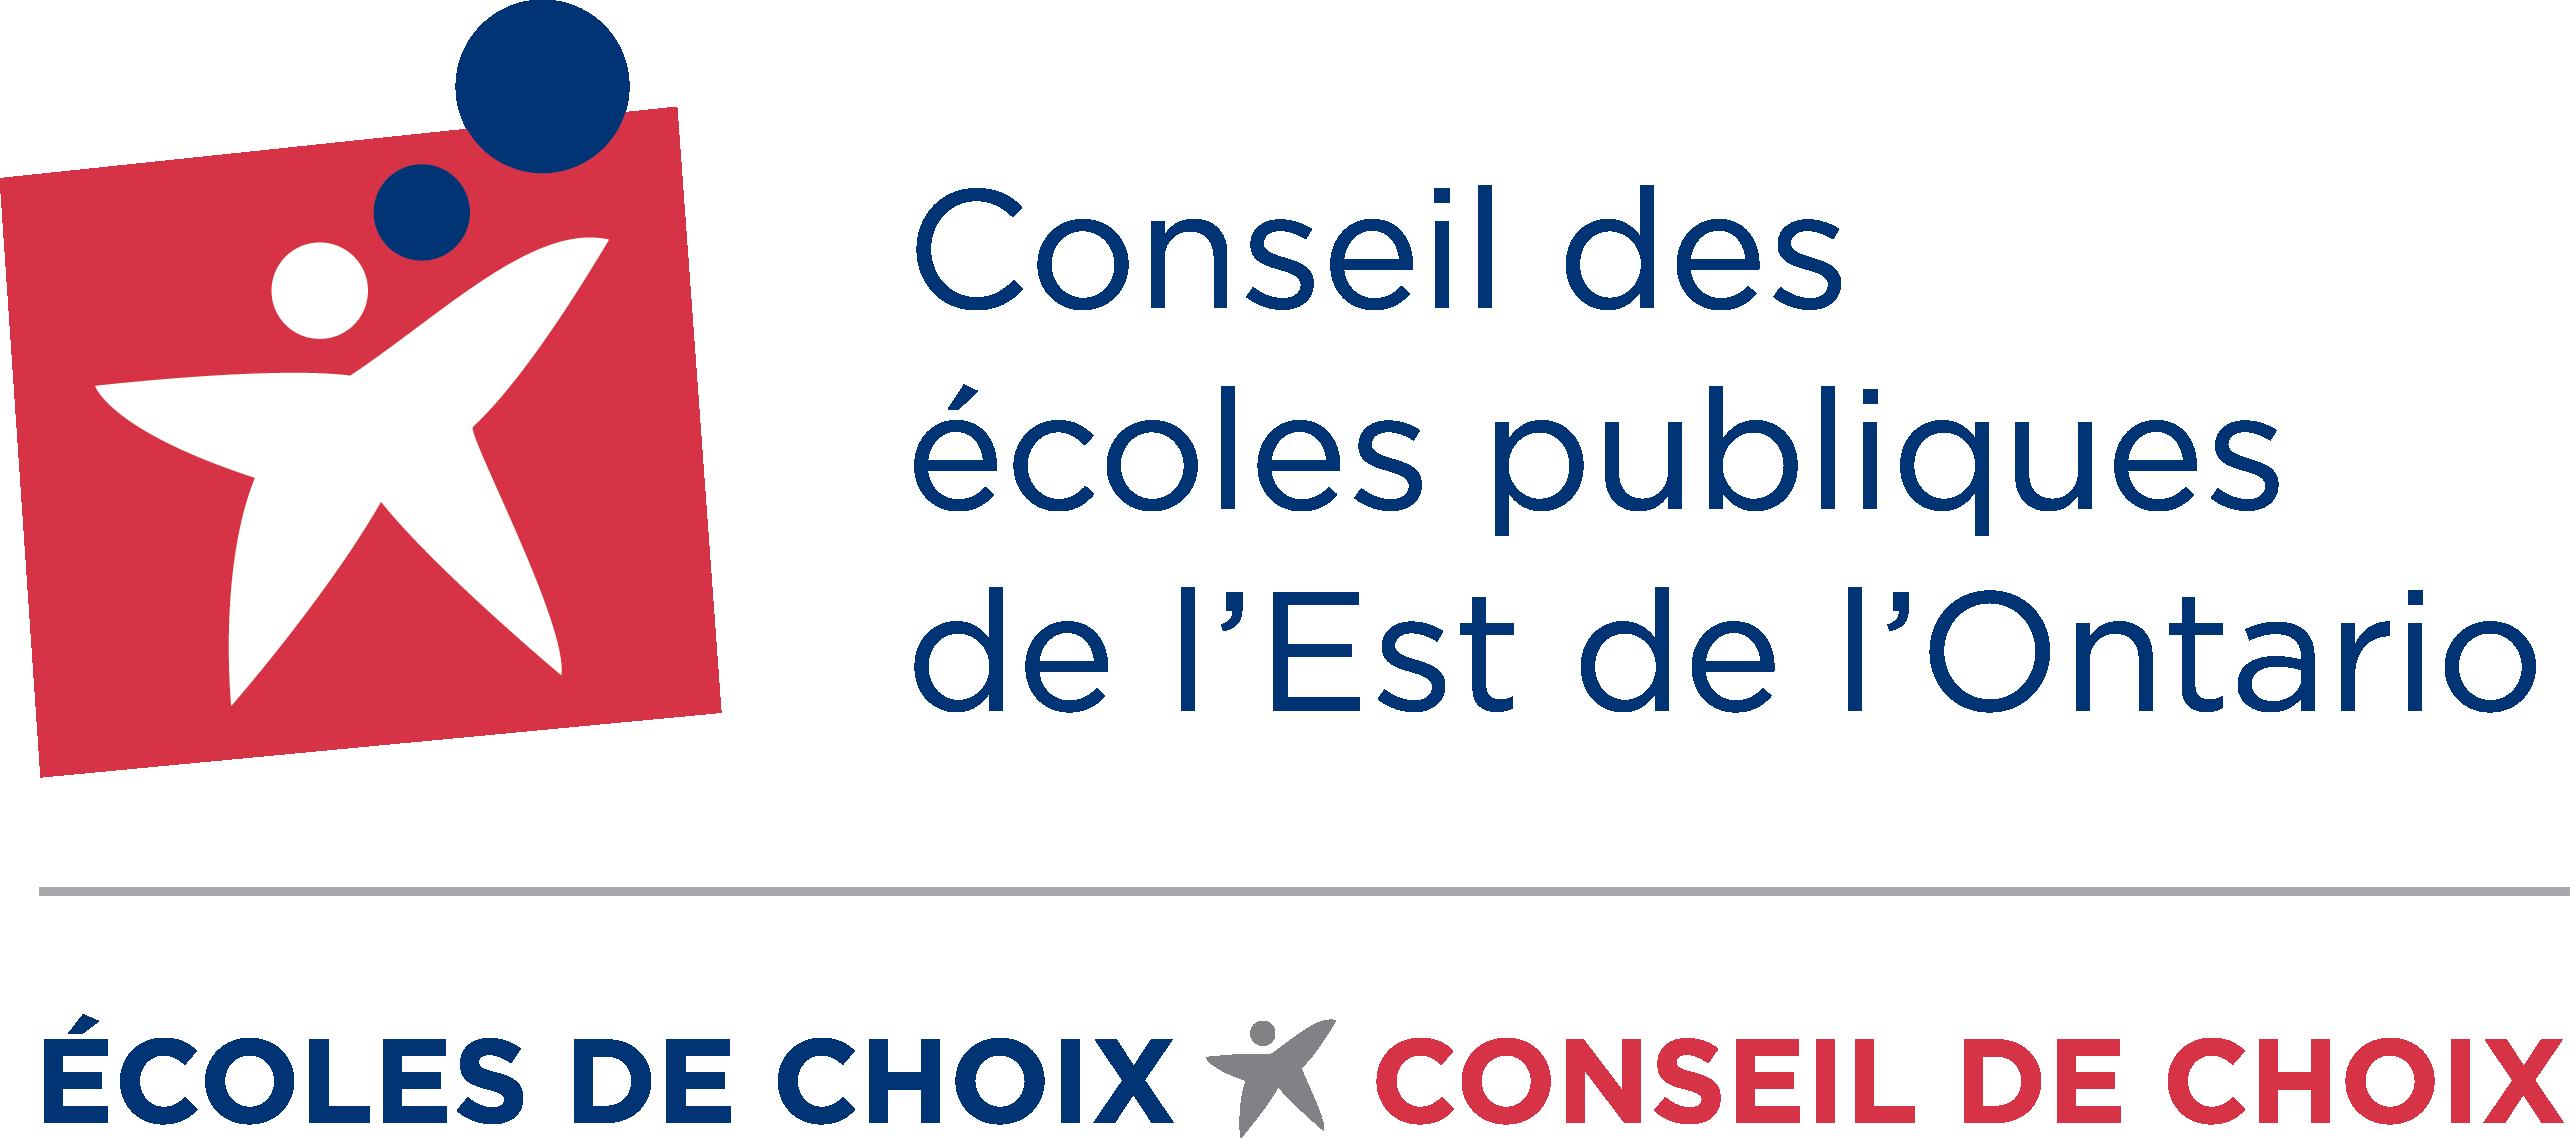 Conseil des ecoles publiques de l'Est de l'Ontario